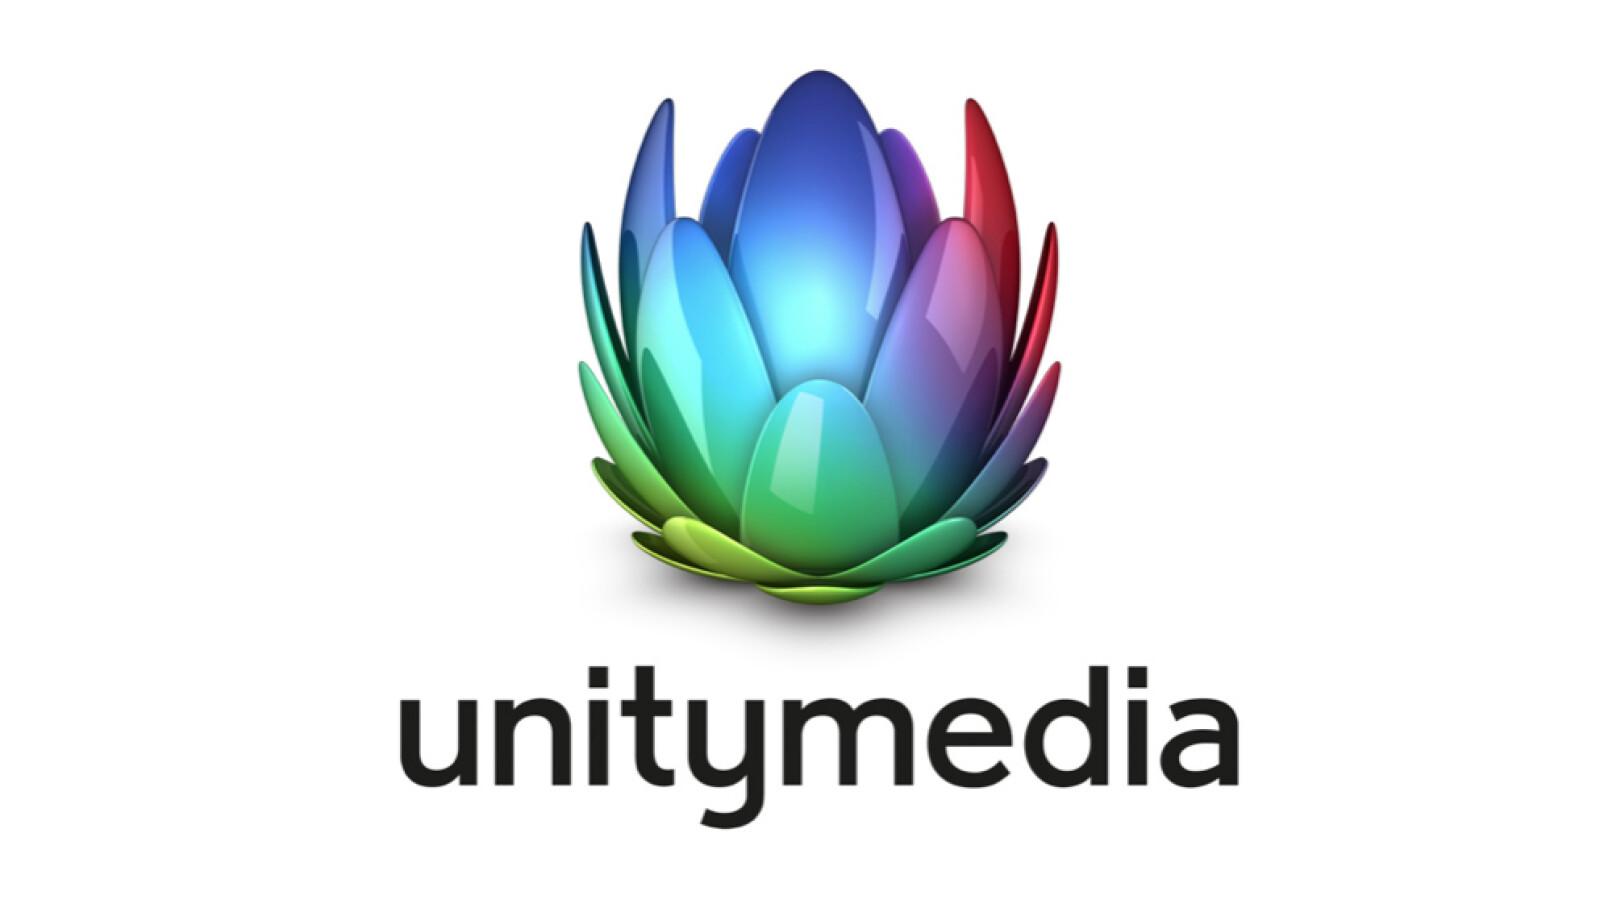 Unitymedia Anschluss Kundigen So Lost Ihr Euren Vertrag Auf Netzwelt